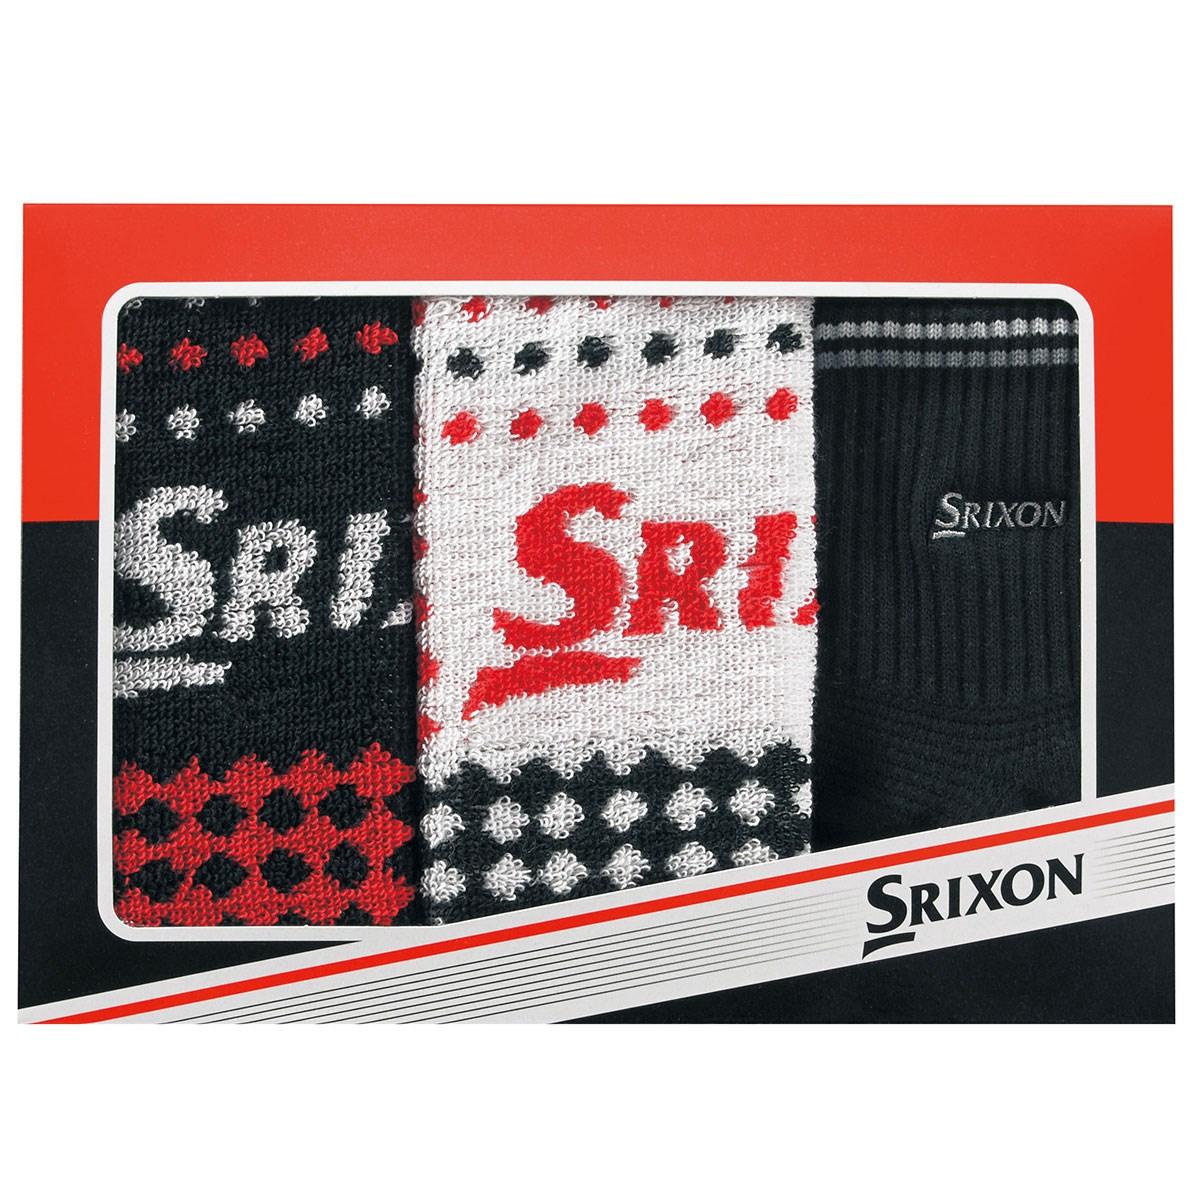 ダンロップ SRIXON ハンドタオル2枚&ソックス1足3点セット ホワイト/ブラック